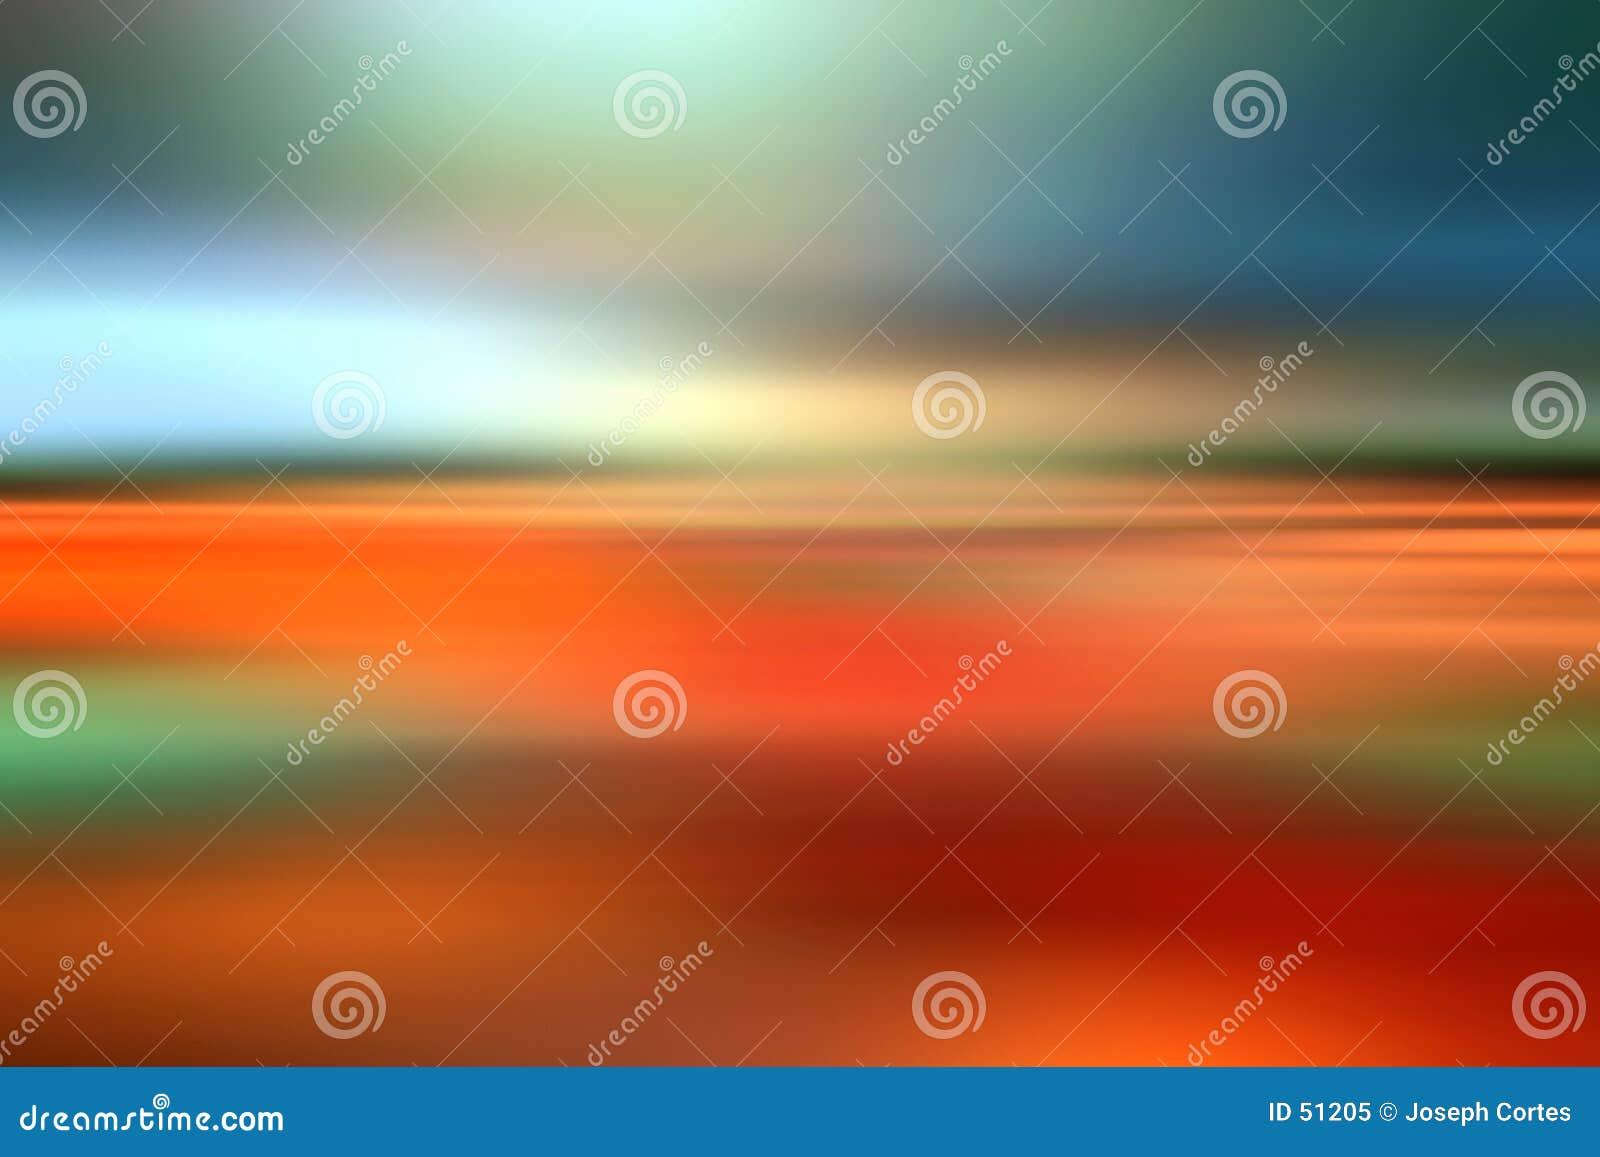 Plama abstrakcyjne kolorów krajobrazu